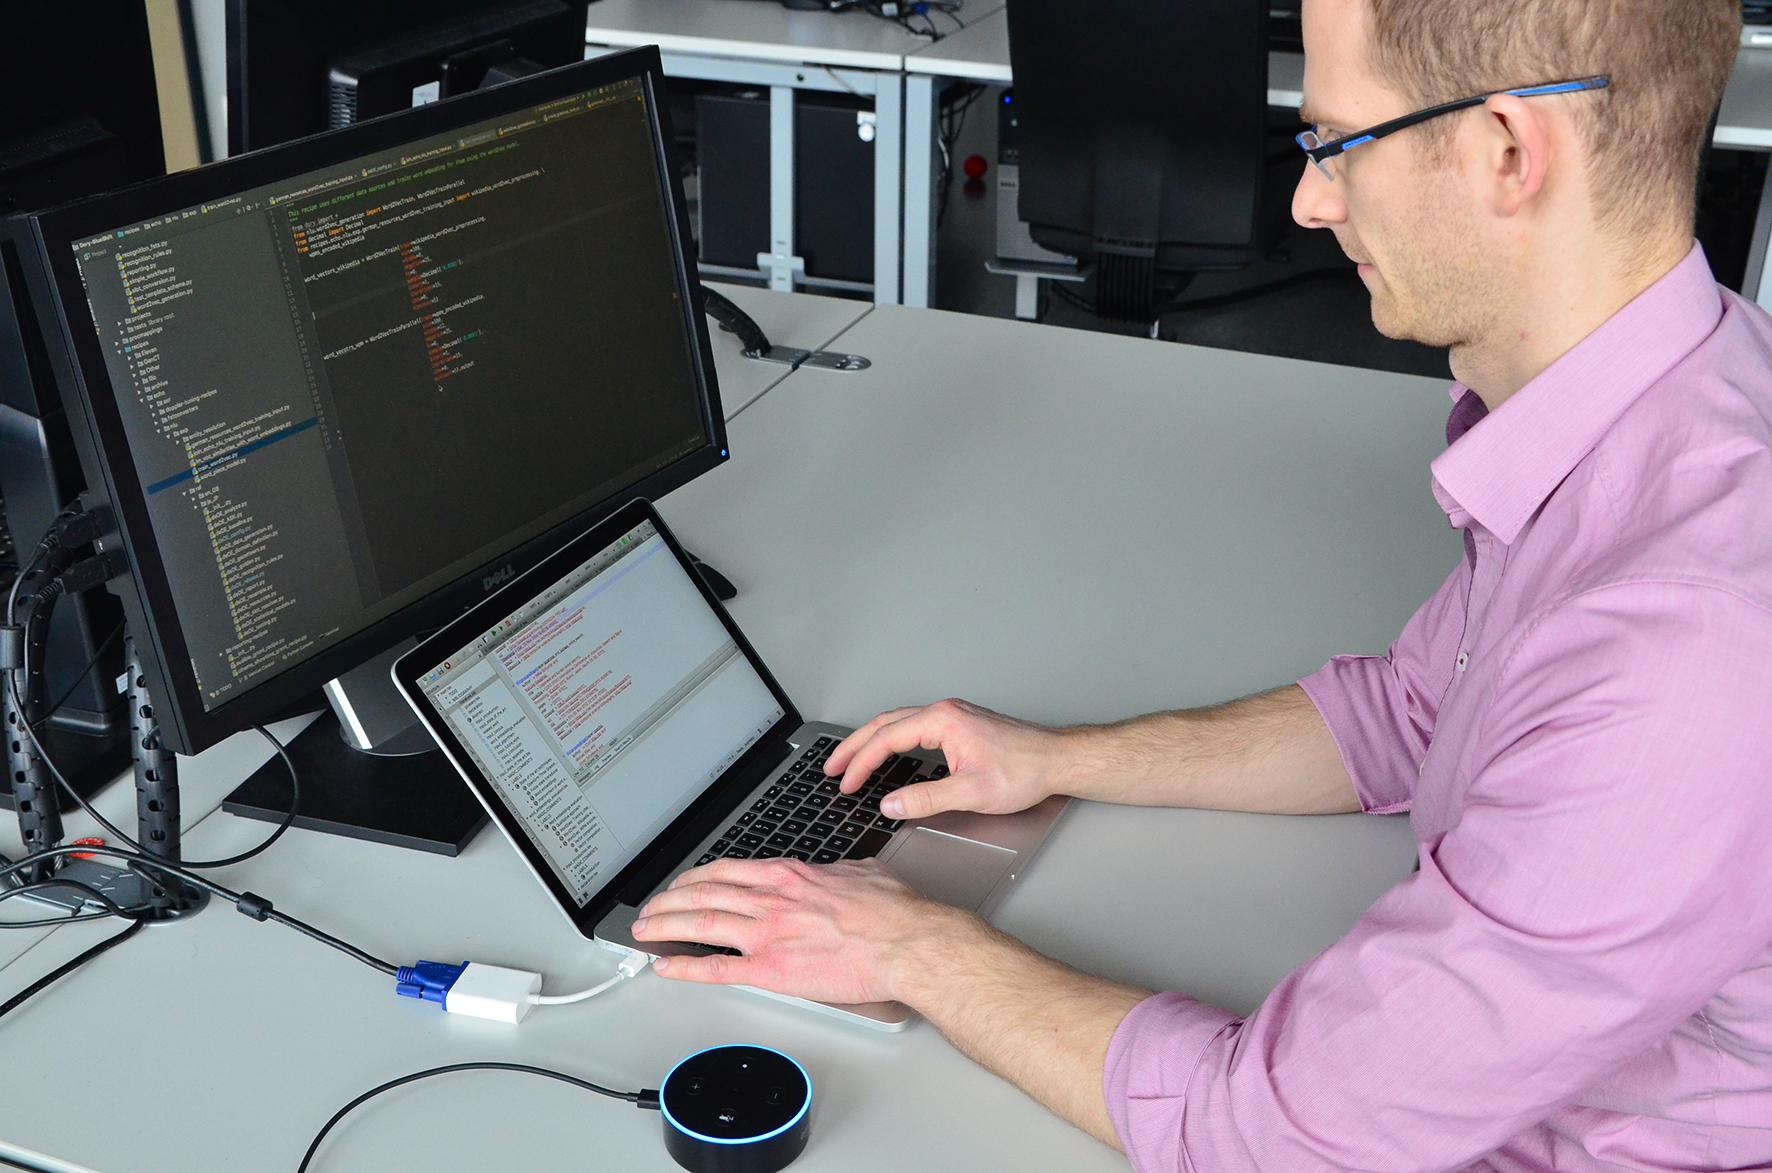 Markus Boese vor seinem Laptop mit dem kleinen runden Gerät Echo Dot.